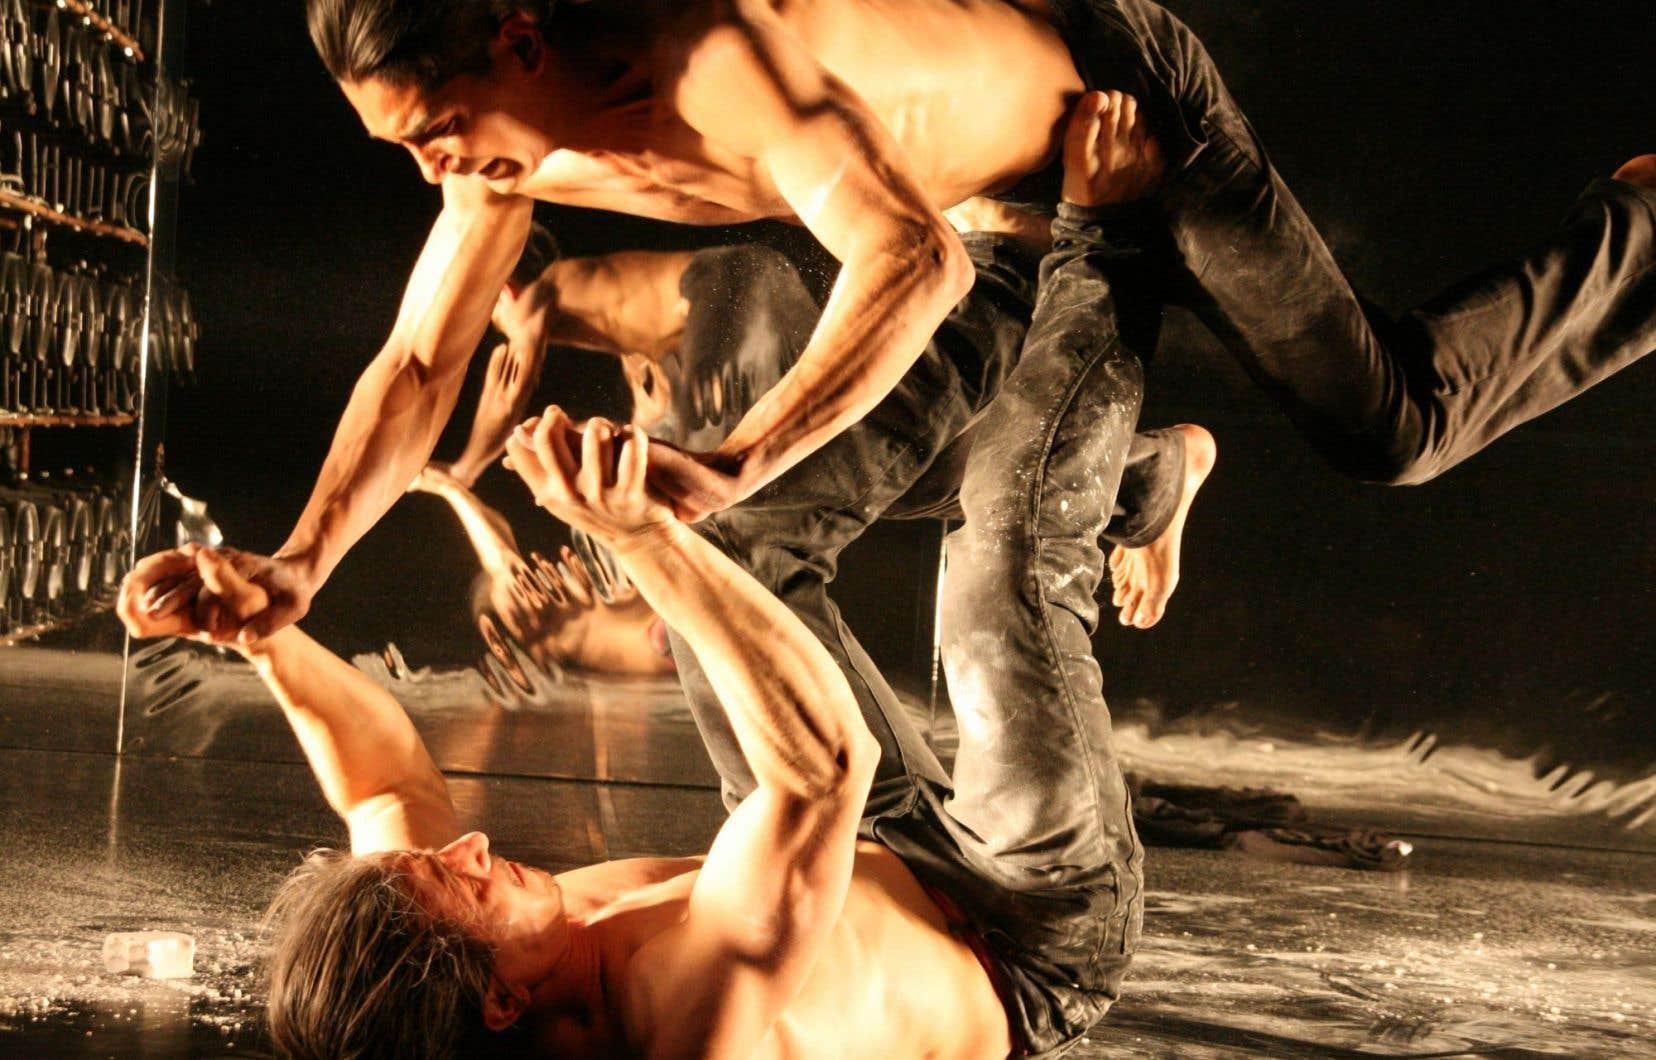 La tension des corps à laquelle le spectateur assiste dans «Warm» est plus sensuelle que franchement érotique.